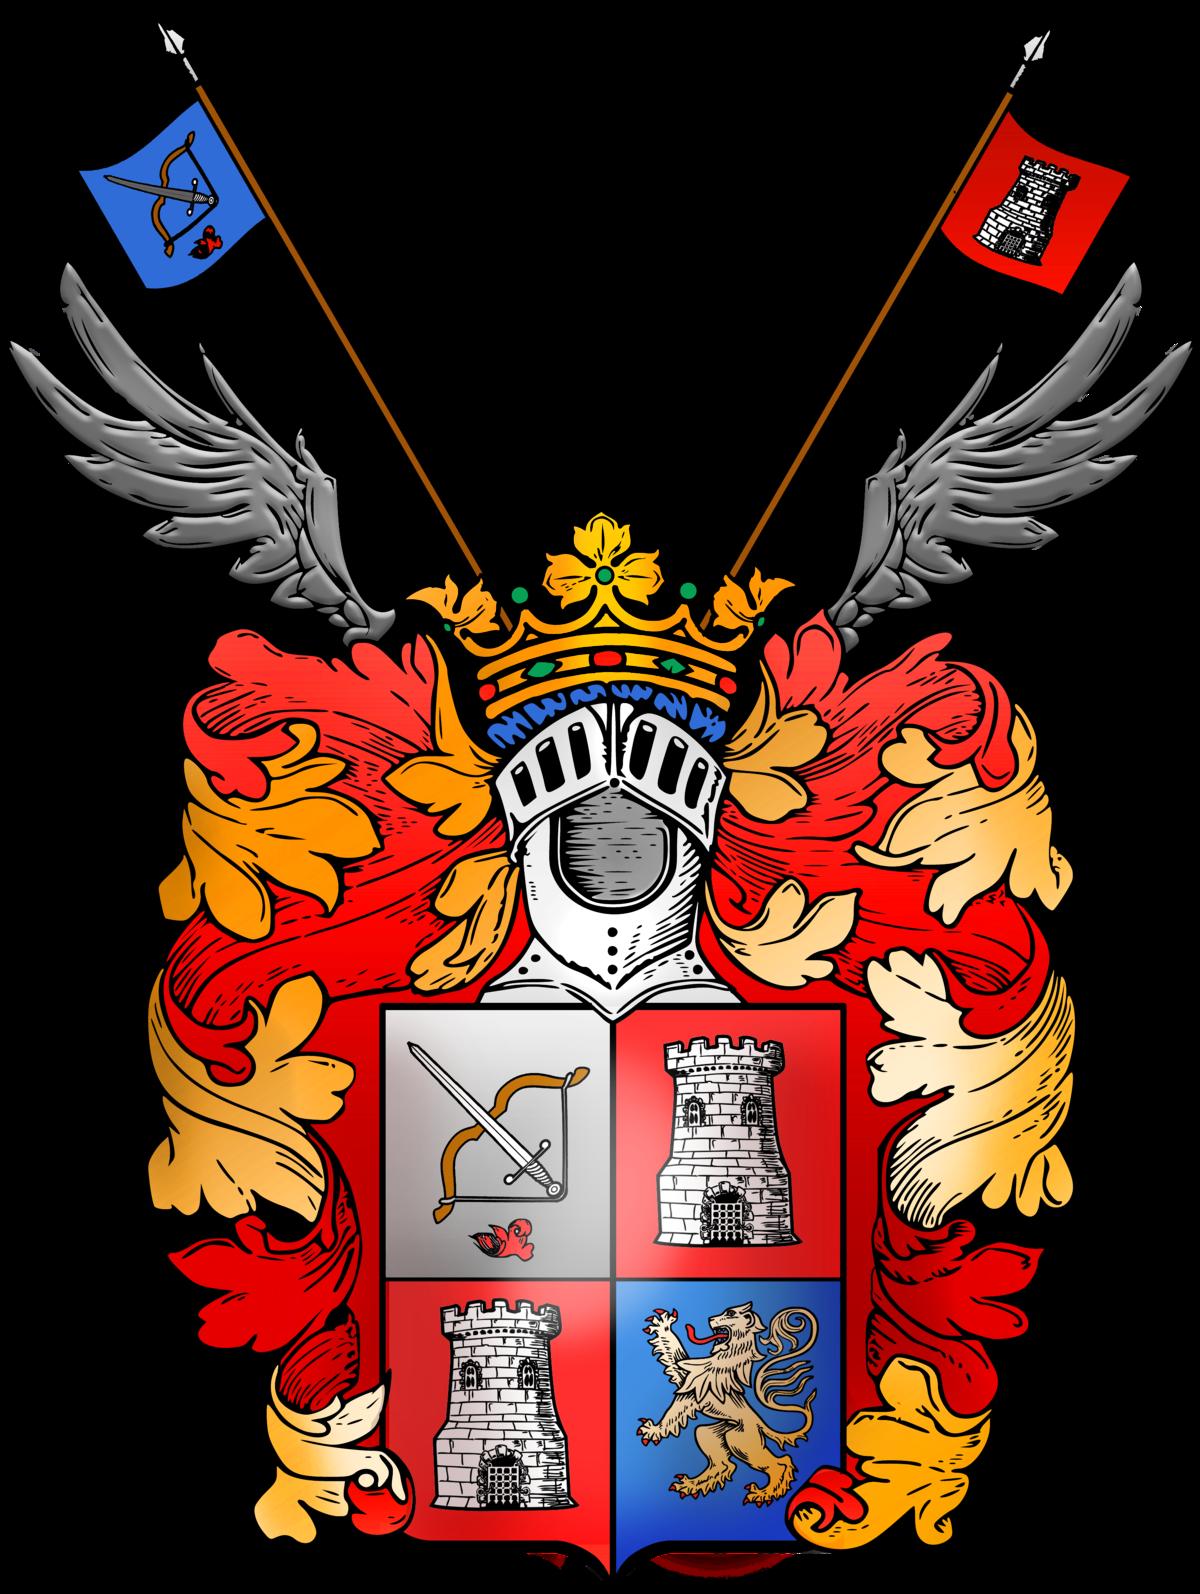 January clipart family. Kozhin wikidata